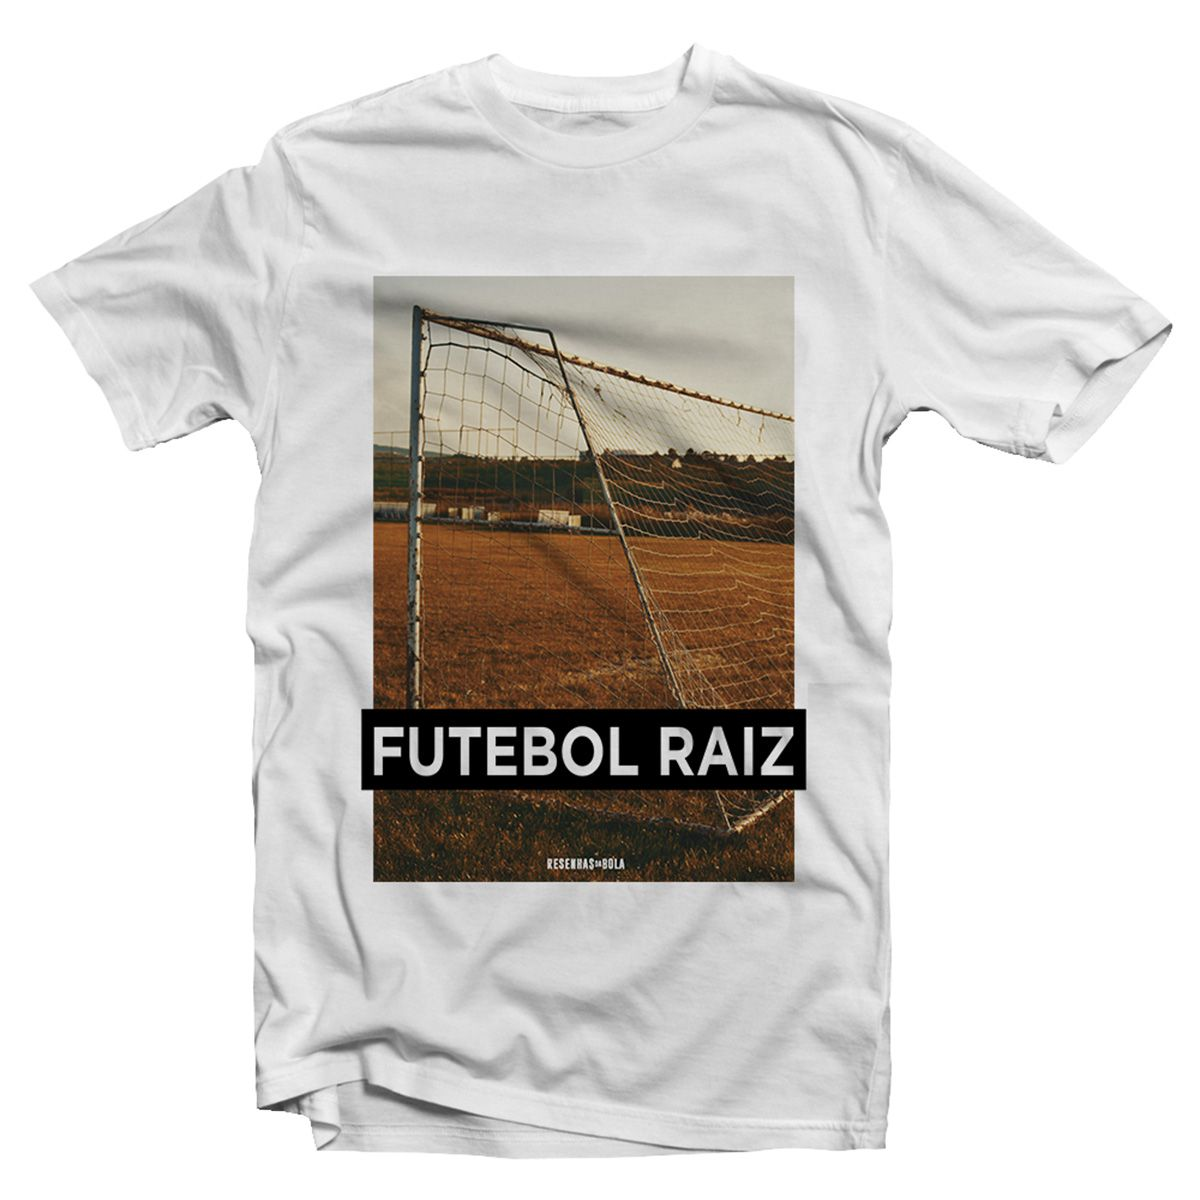 Camiseta - FUTEBOL RAIZ. Masculino